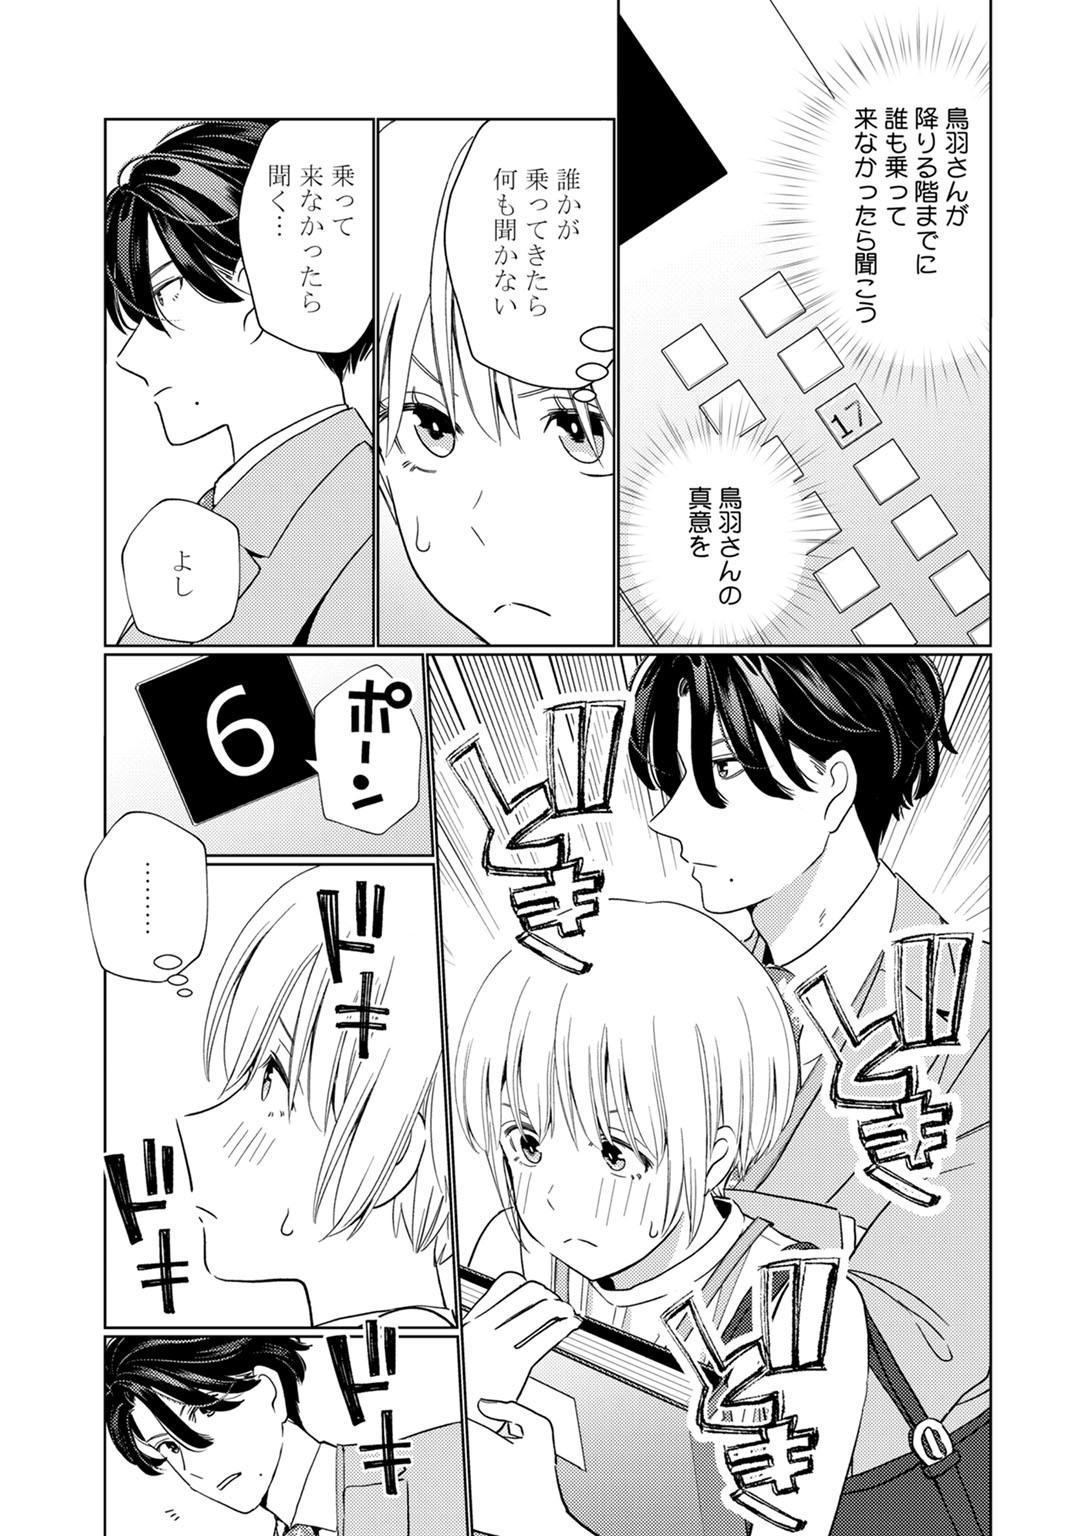 [Okonogi Happa] Kyonyuu-chan to Kyokon Joushi -Kaisha de Musabori Sex- act. 2 12